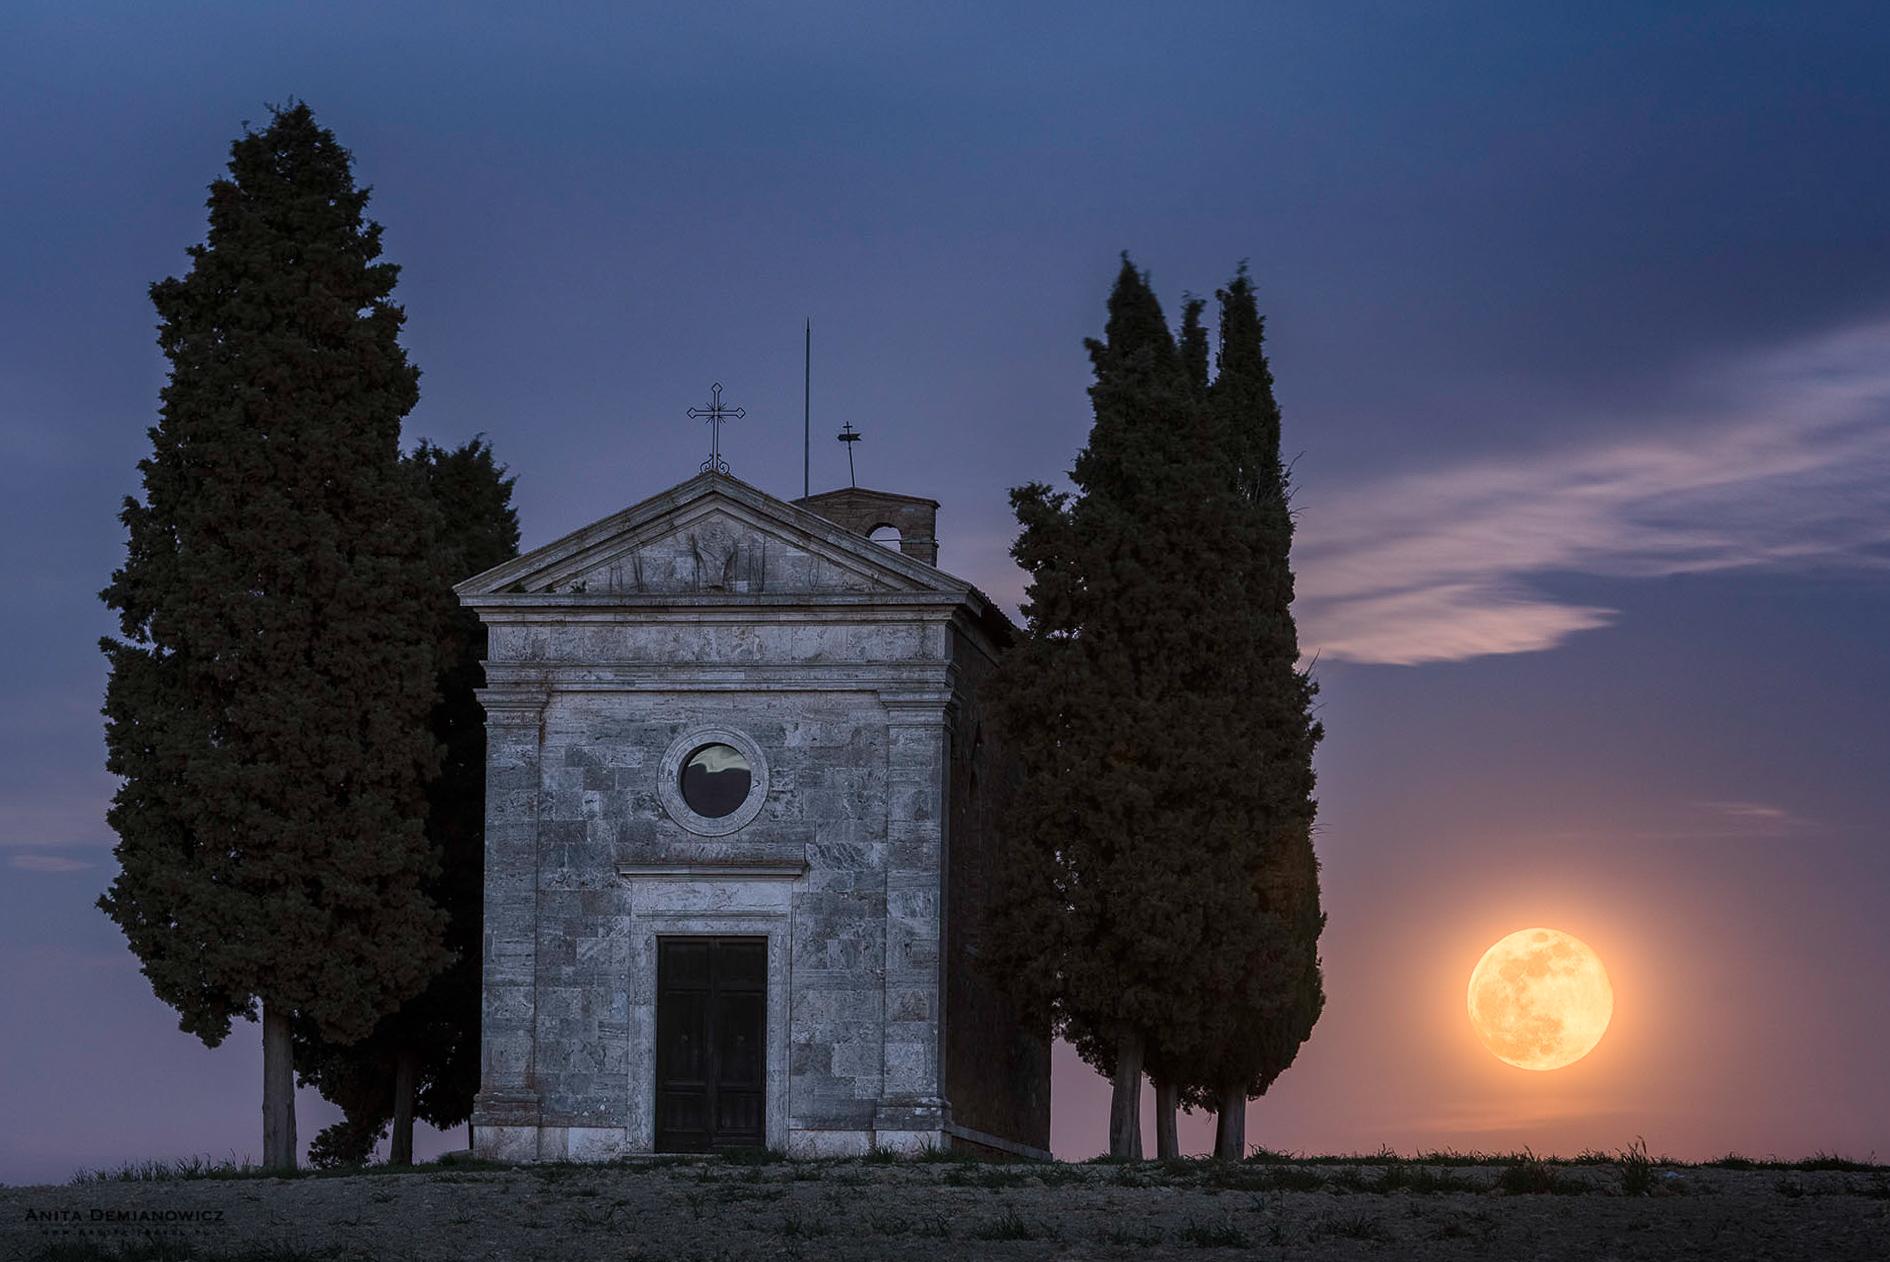 Cappella-della-Madonna-di-.Vitaleta, Toskania, Włochy, ANita Demianoiwcz